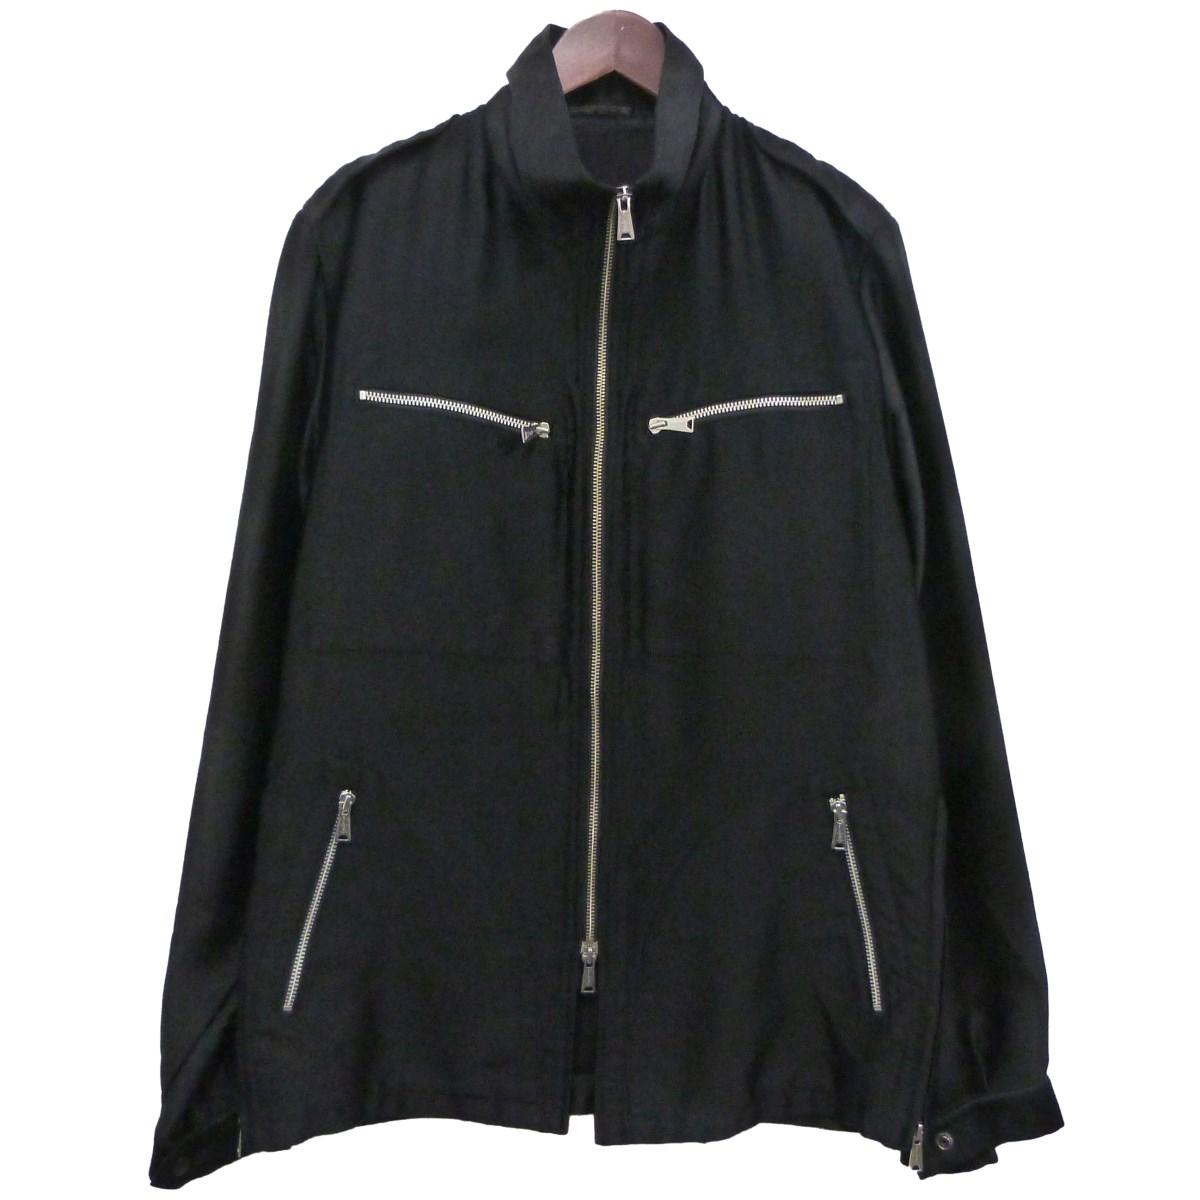 【中古】YOHJI YAMAMOTO pour homme シルクジャケット ブラック サイズ:3 【170420】(ヨウジヤマモトプールオム)